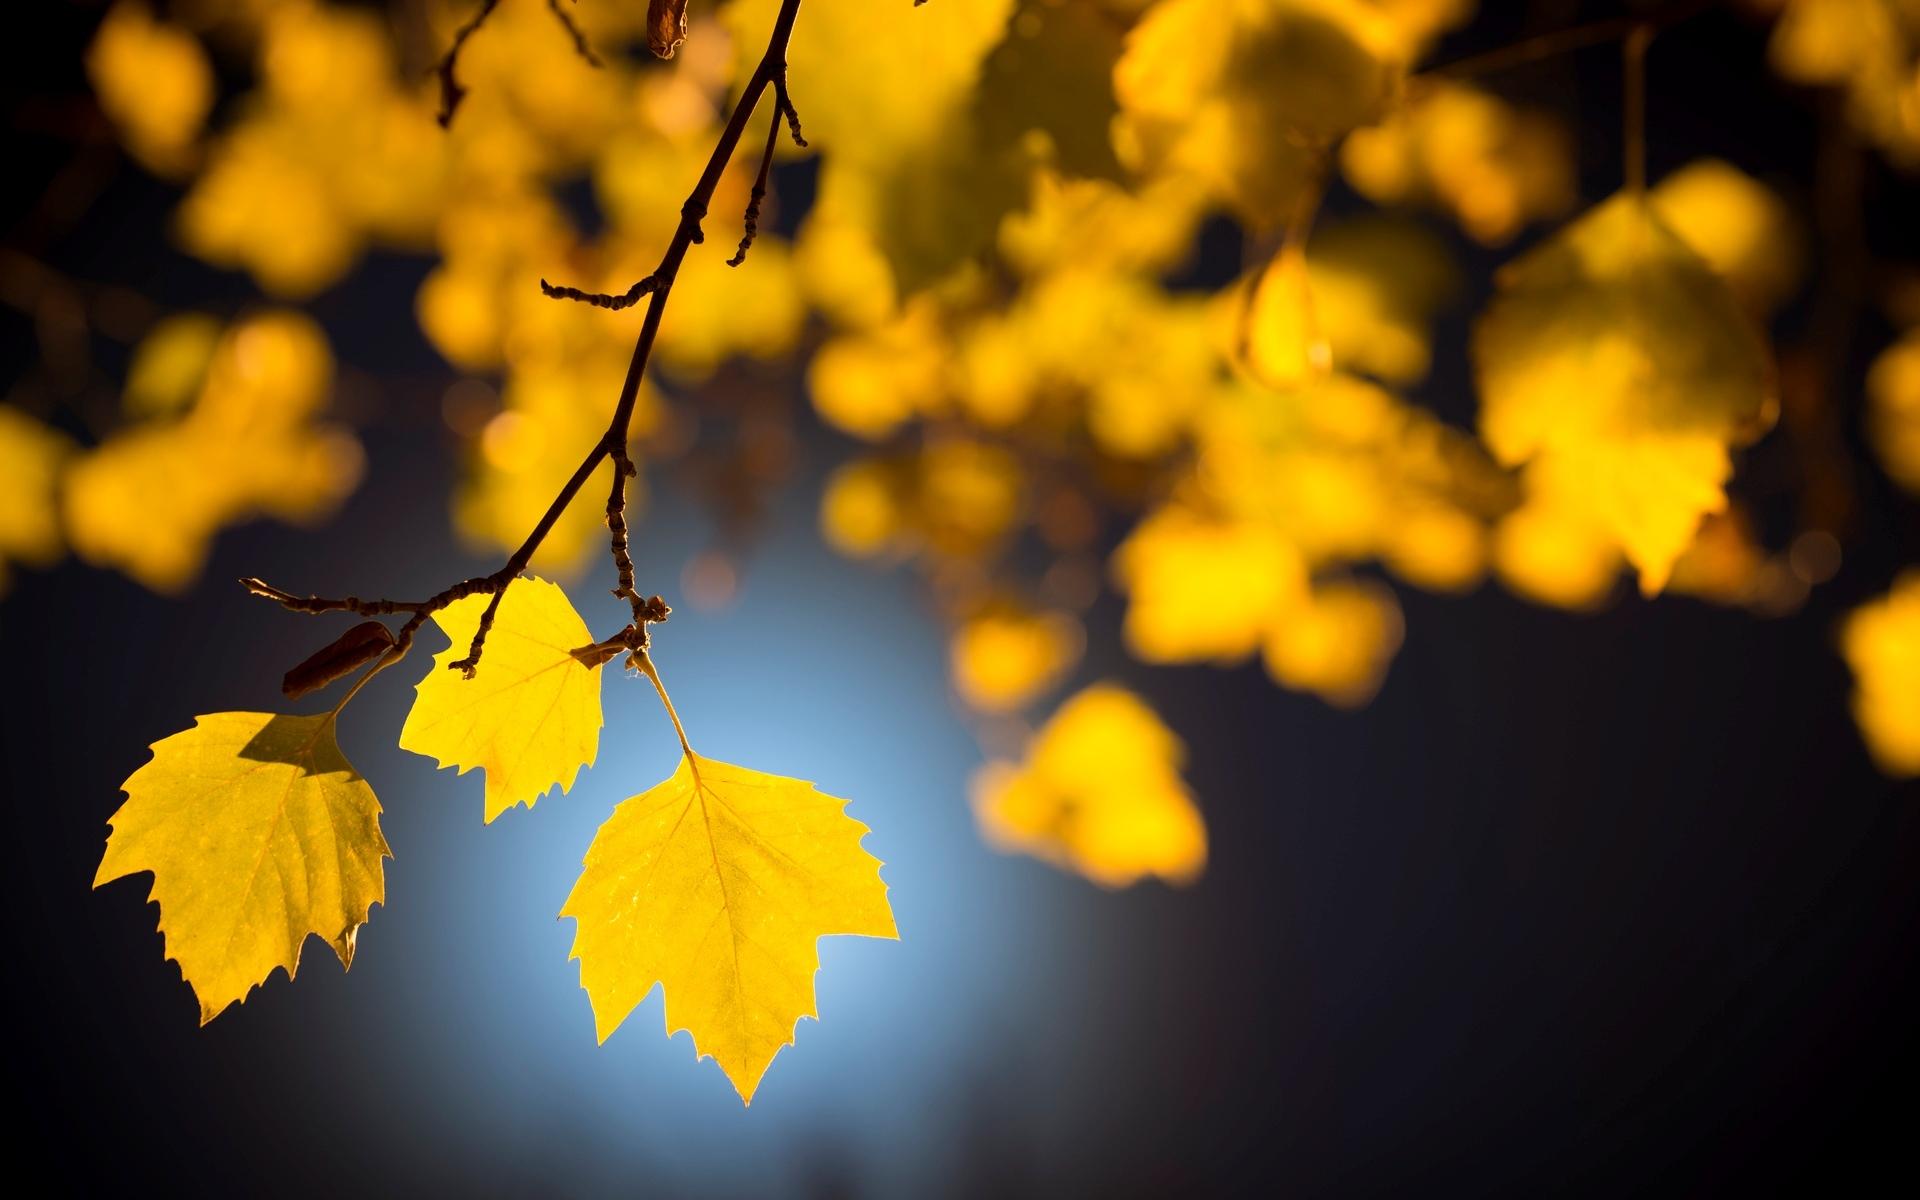 обои желтые листья век является дерматологическим